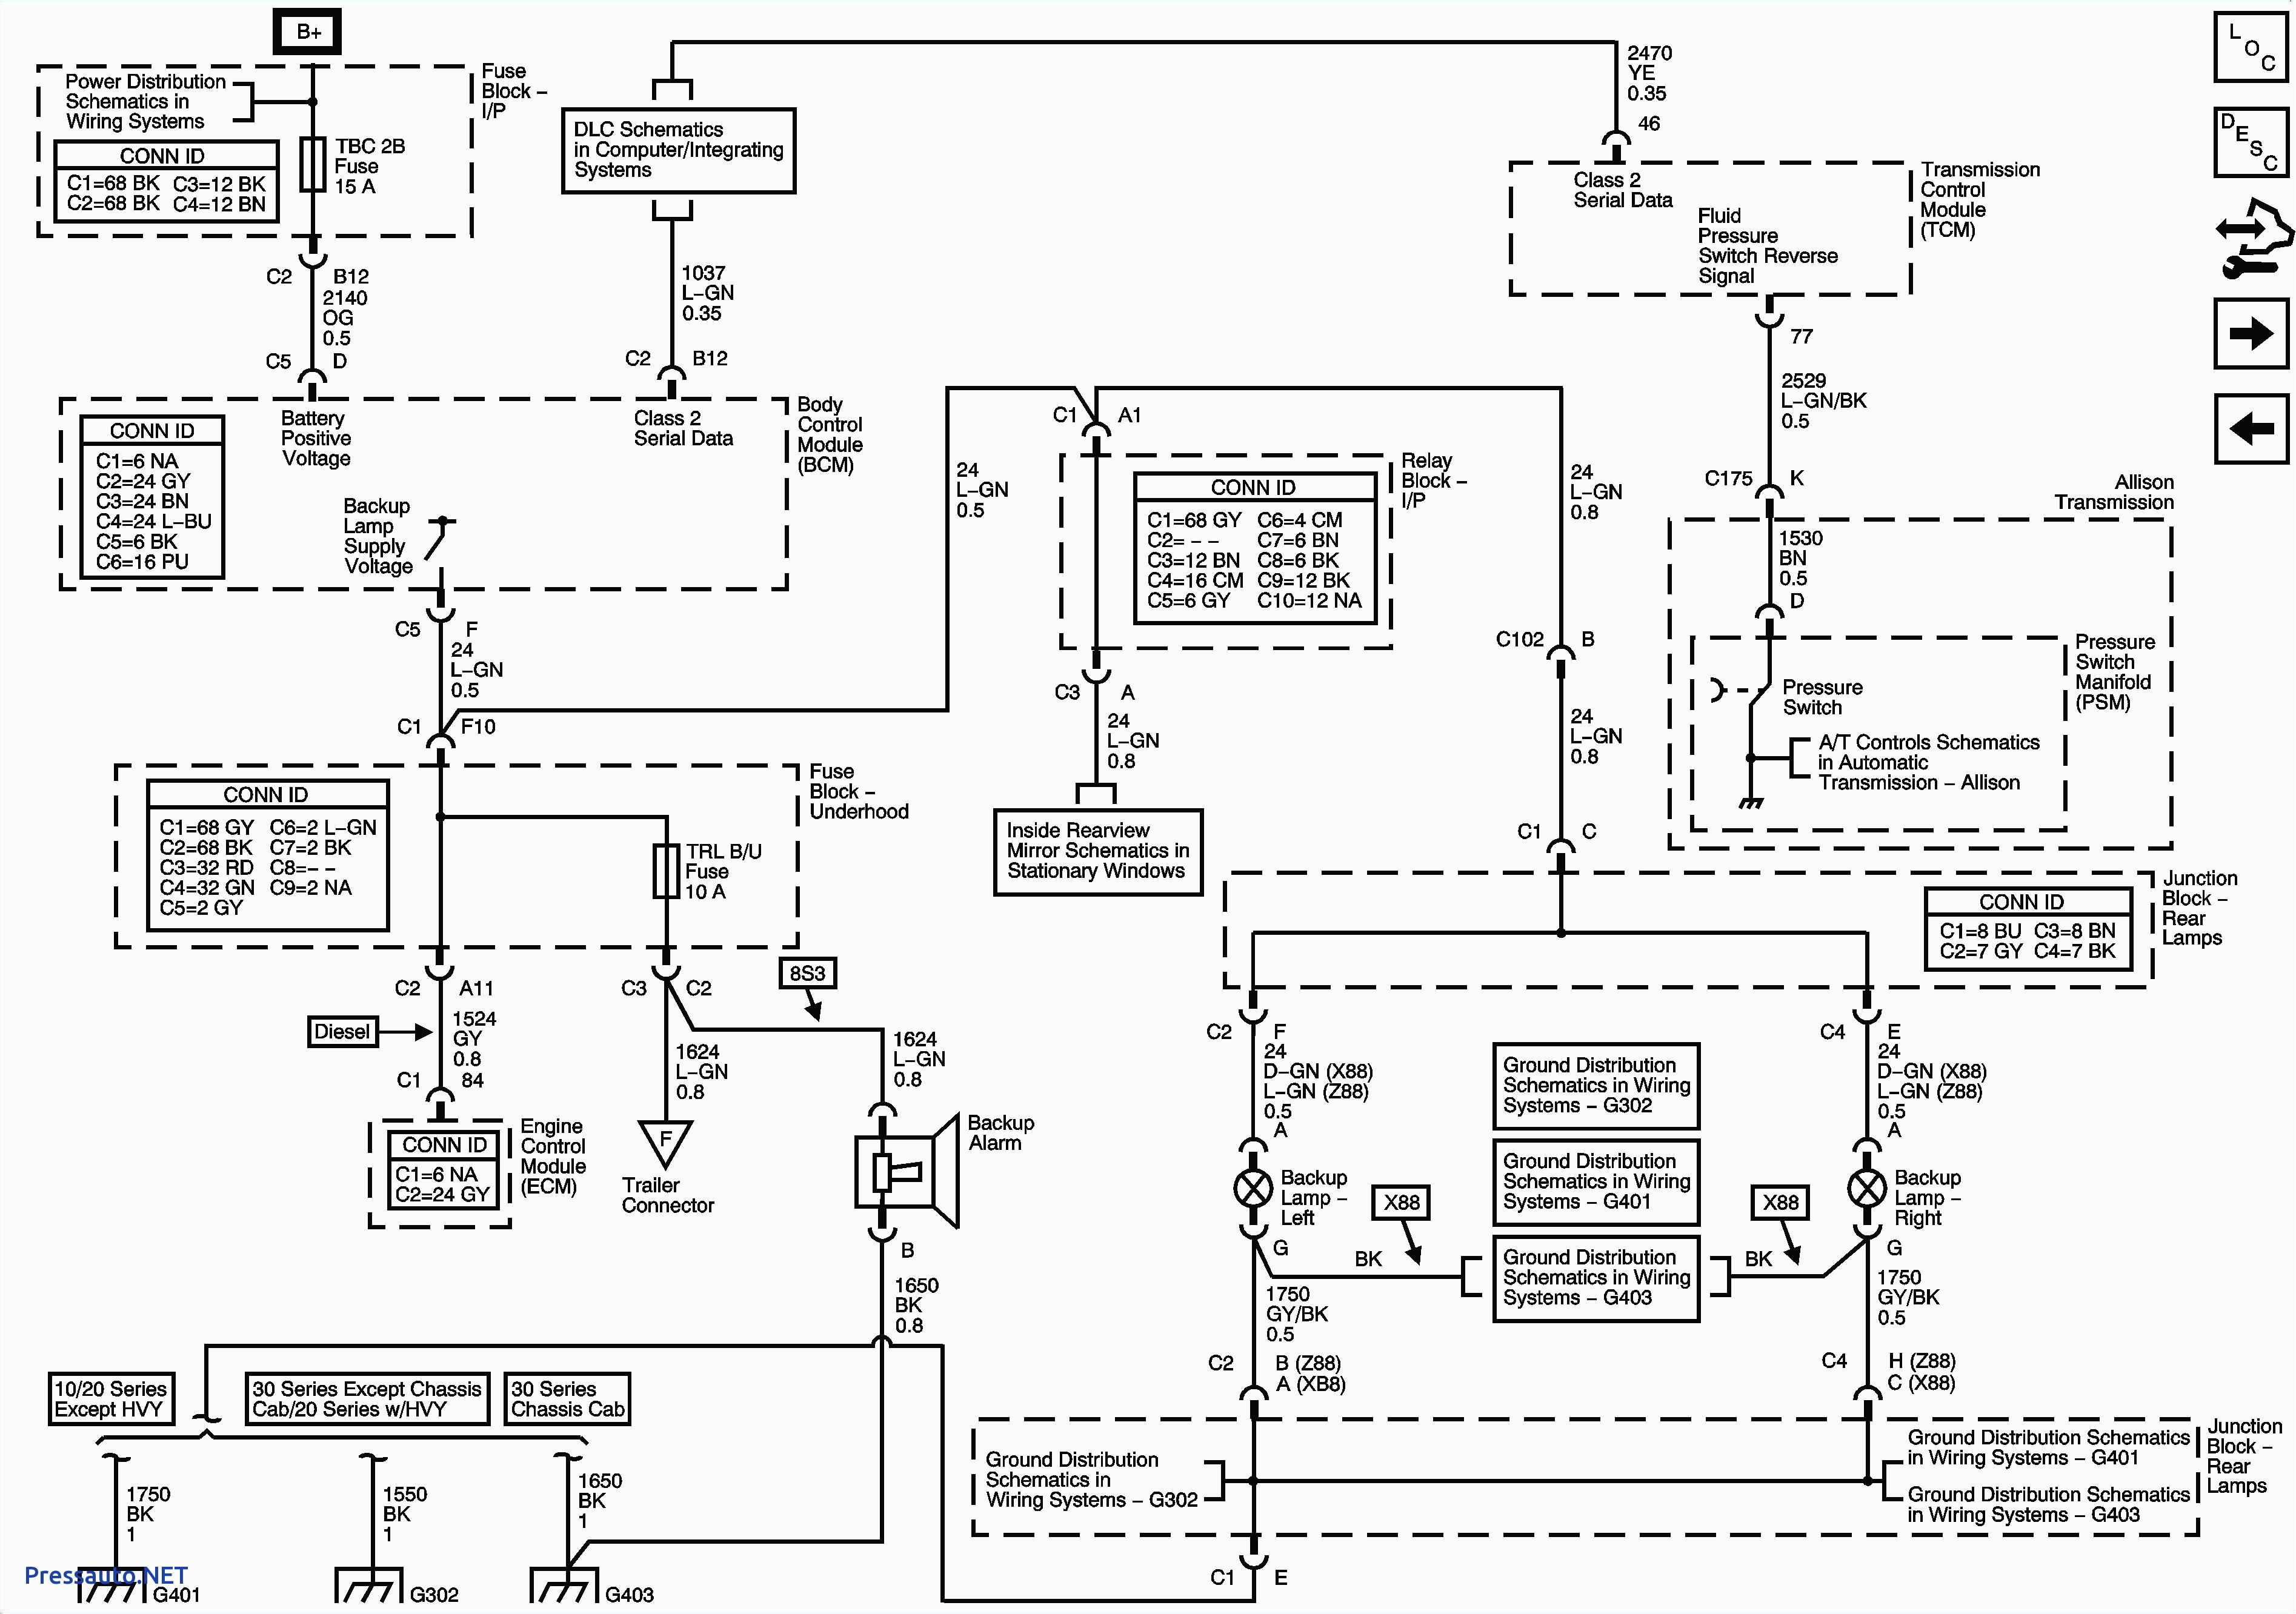 silverado wiring diagram wiring diagram page silverado wiring diagram stereo horn location for 2003 chevy silverado